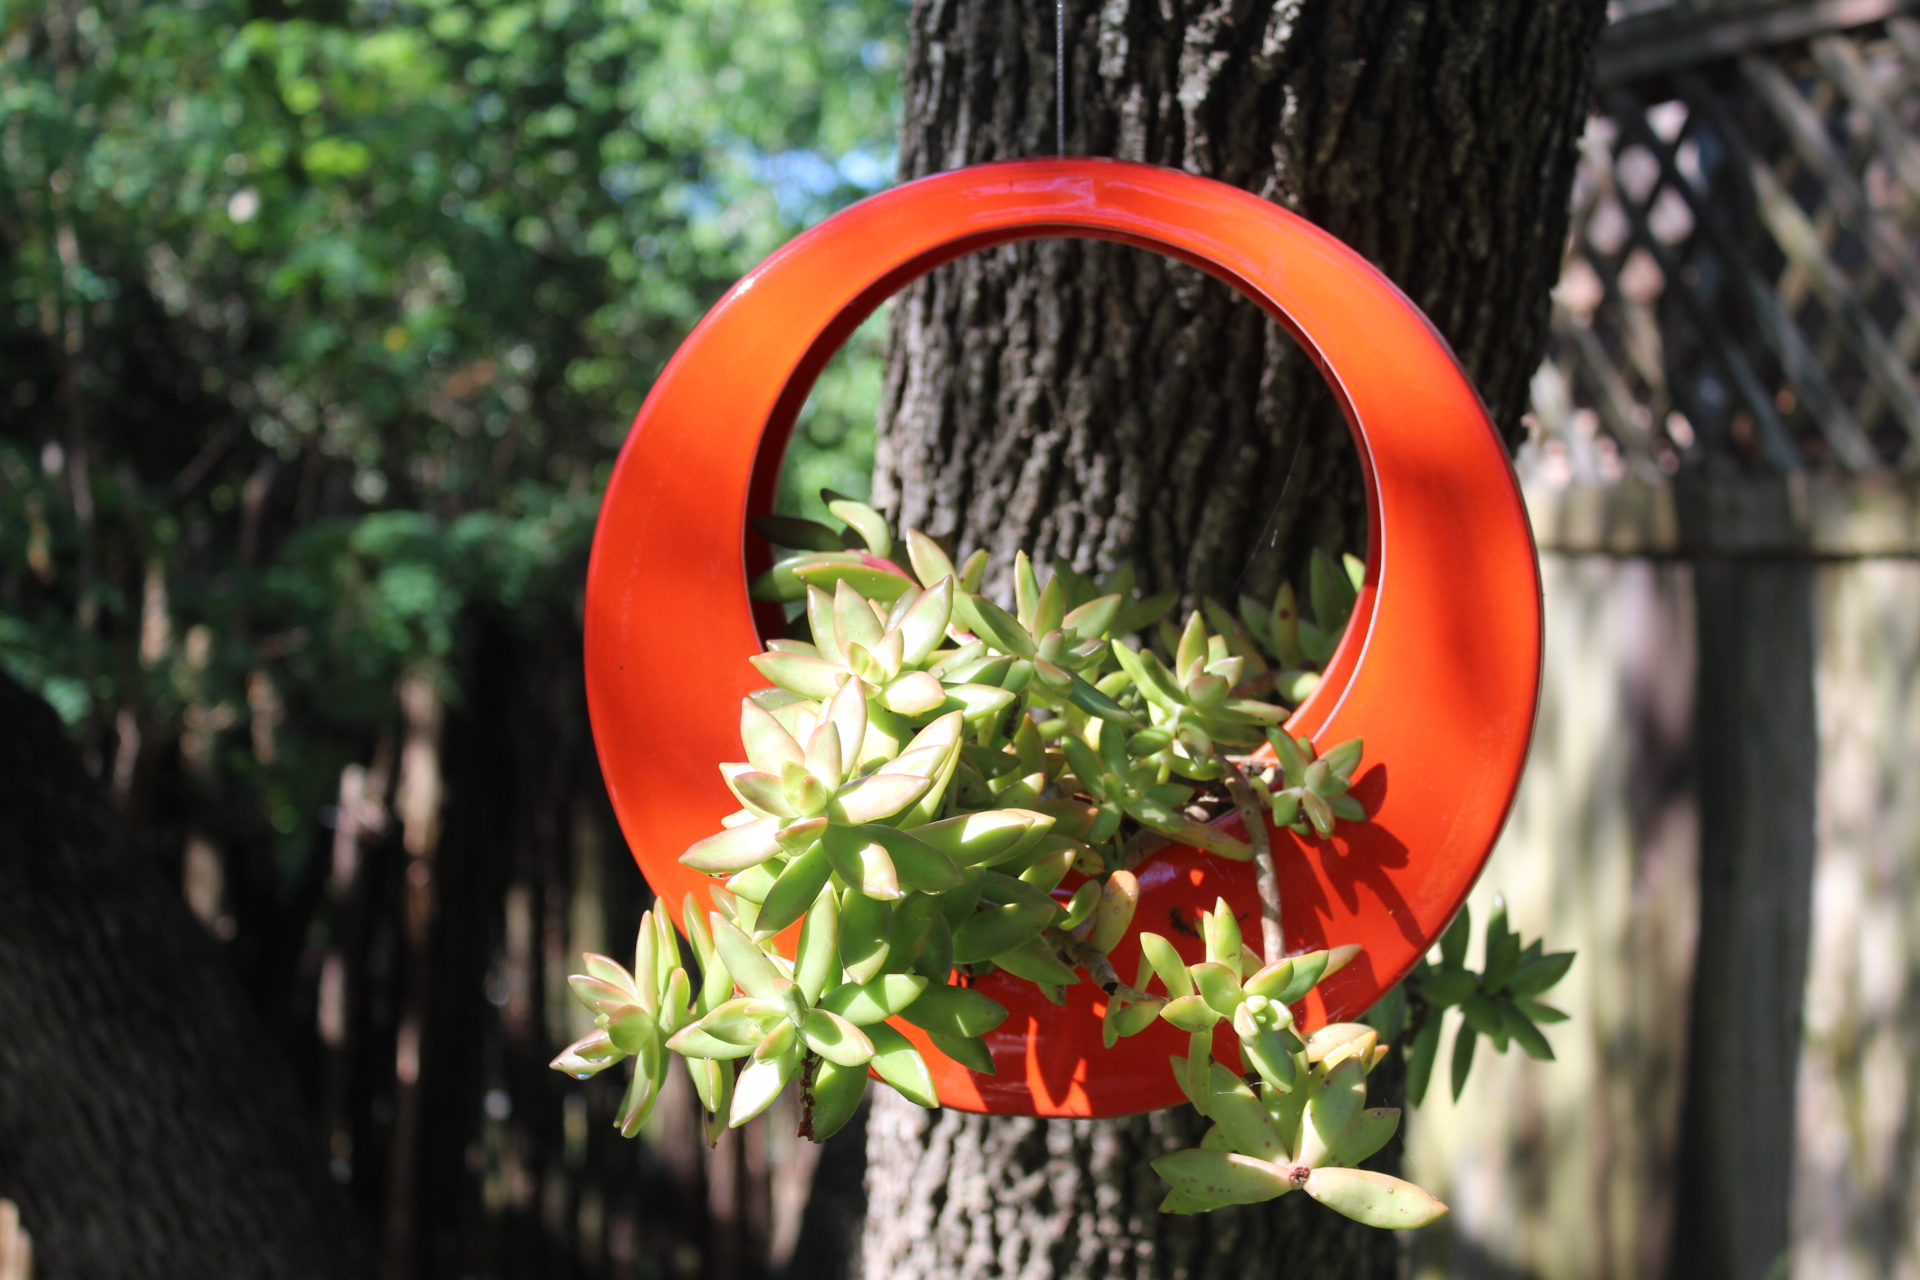 Hanging orange container